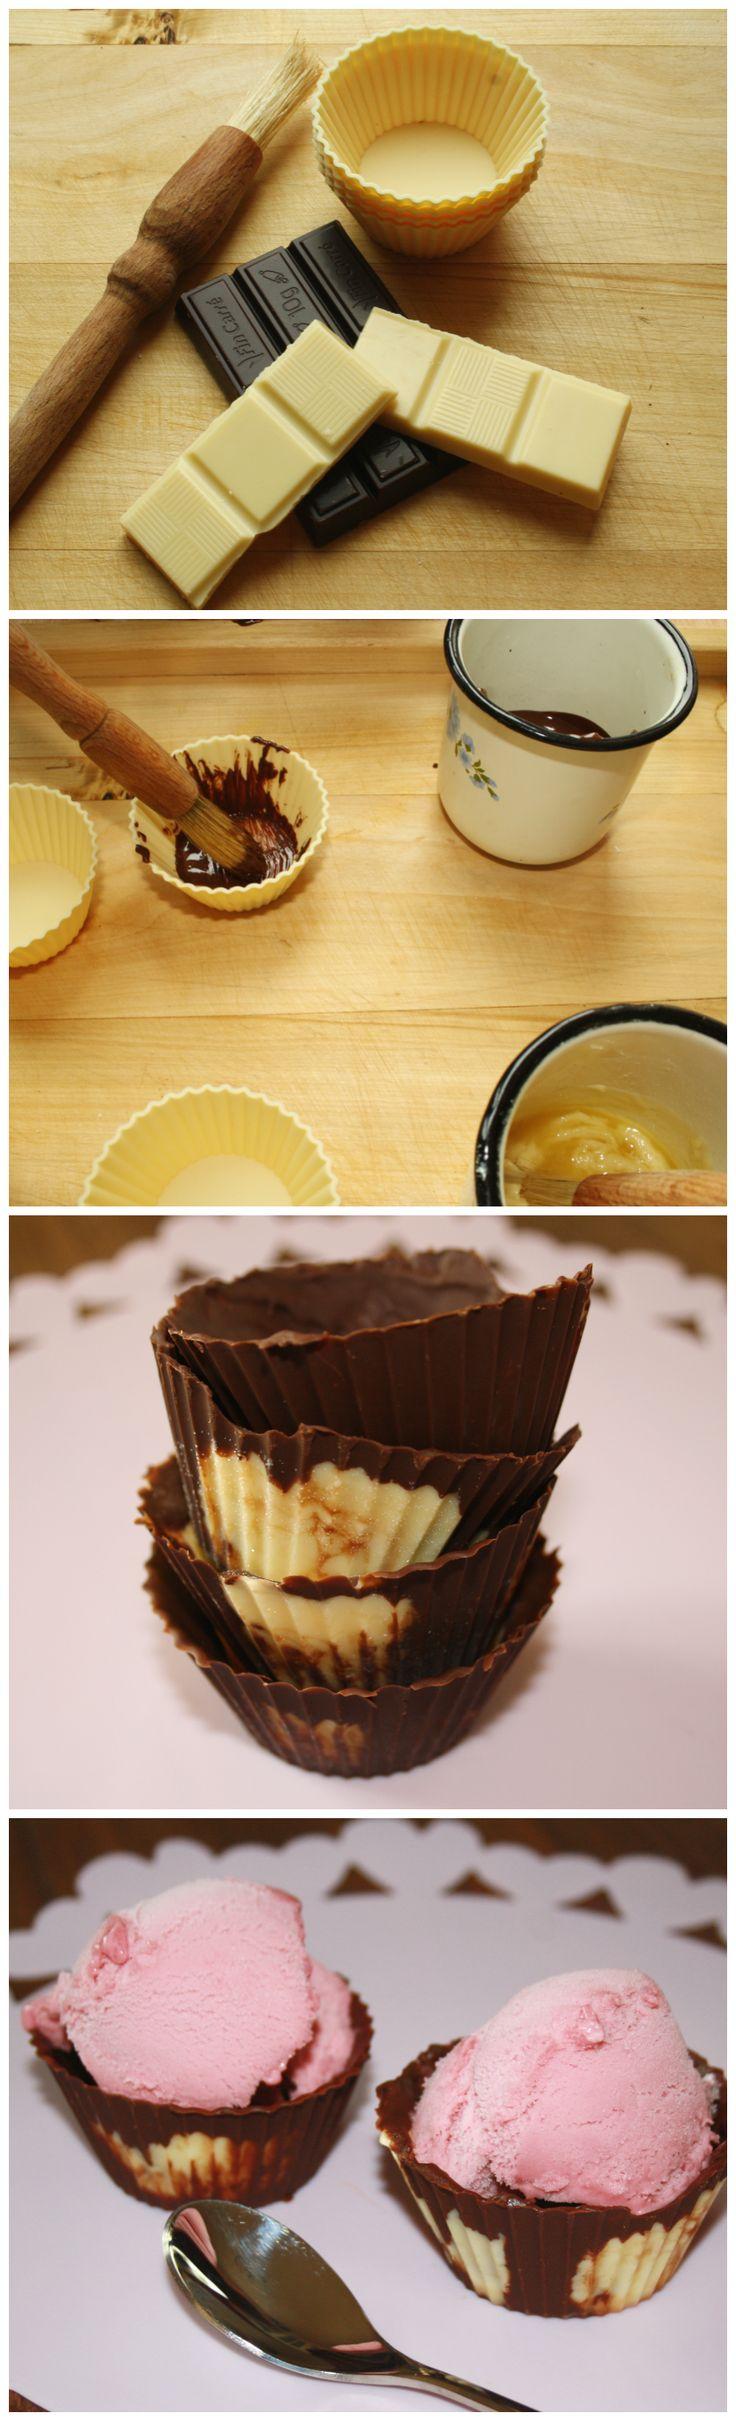 Malování čokoládou. Čokoládové košíčky. Stačí rozpustit bílou a tmavou čokoládu, vzít vhodné štětce a pomalovat silikonový košíček. Ten po ztvrdnutí vytáhnete a naplníte ovocem nebo zmrzlinou. Hodí se i jako aktivita na tábory. Výtvarka pro děti, tvoření s dětmi.